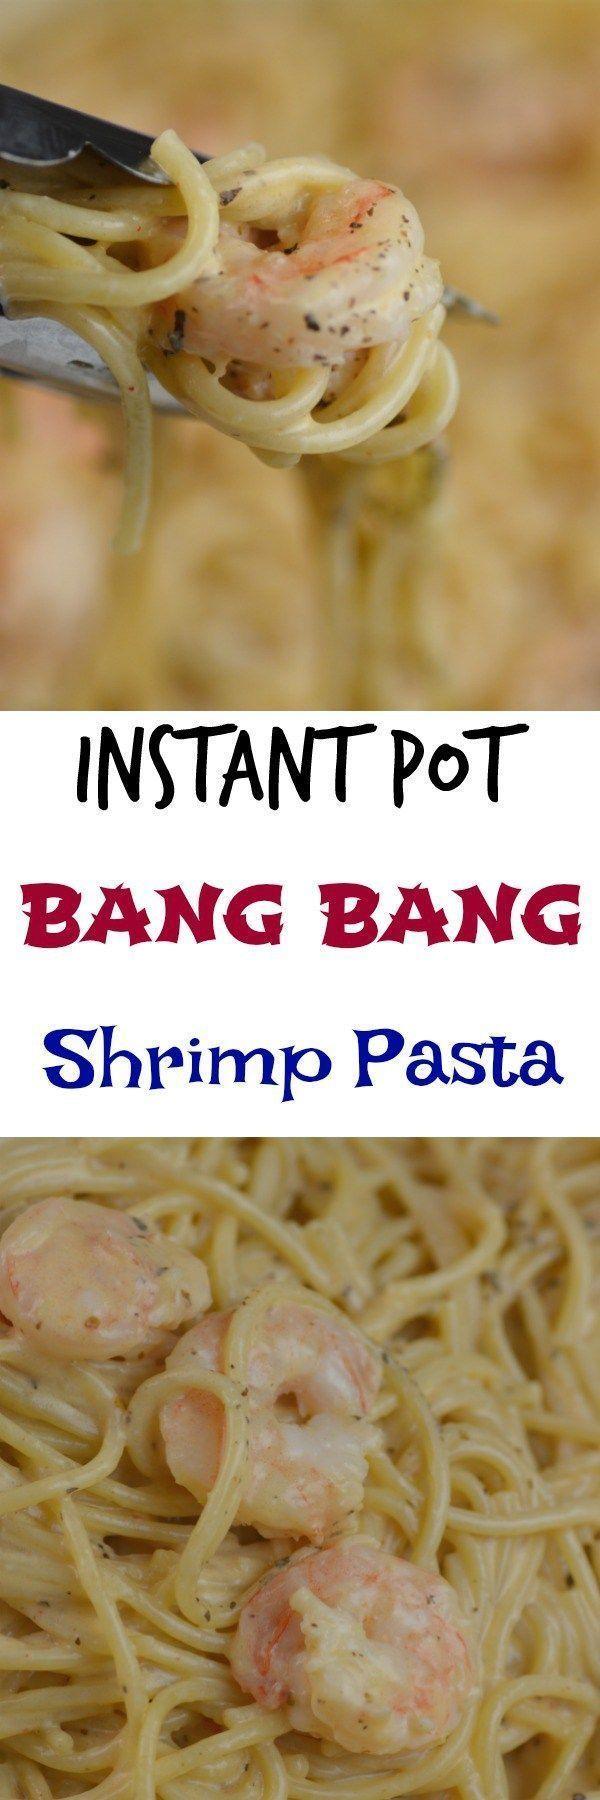 Instant Pot Bang Bang Shrimp Pasta #Instantpot #Shrimp #Copycat #Pressurecooker